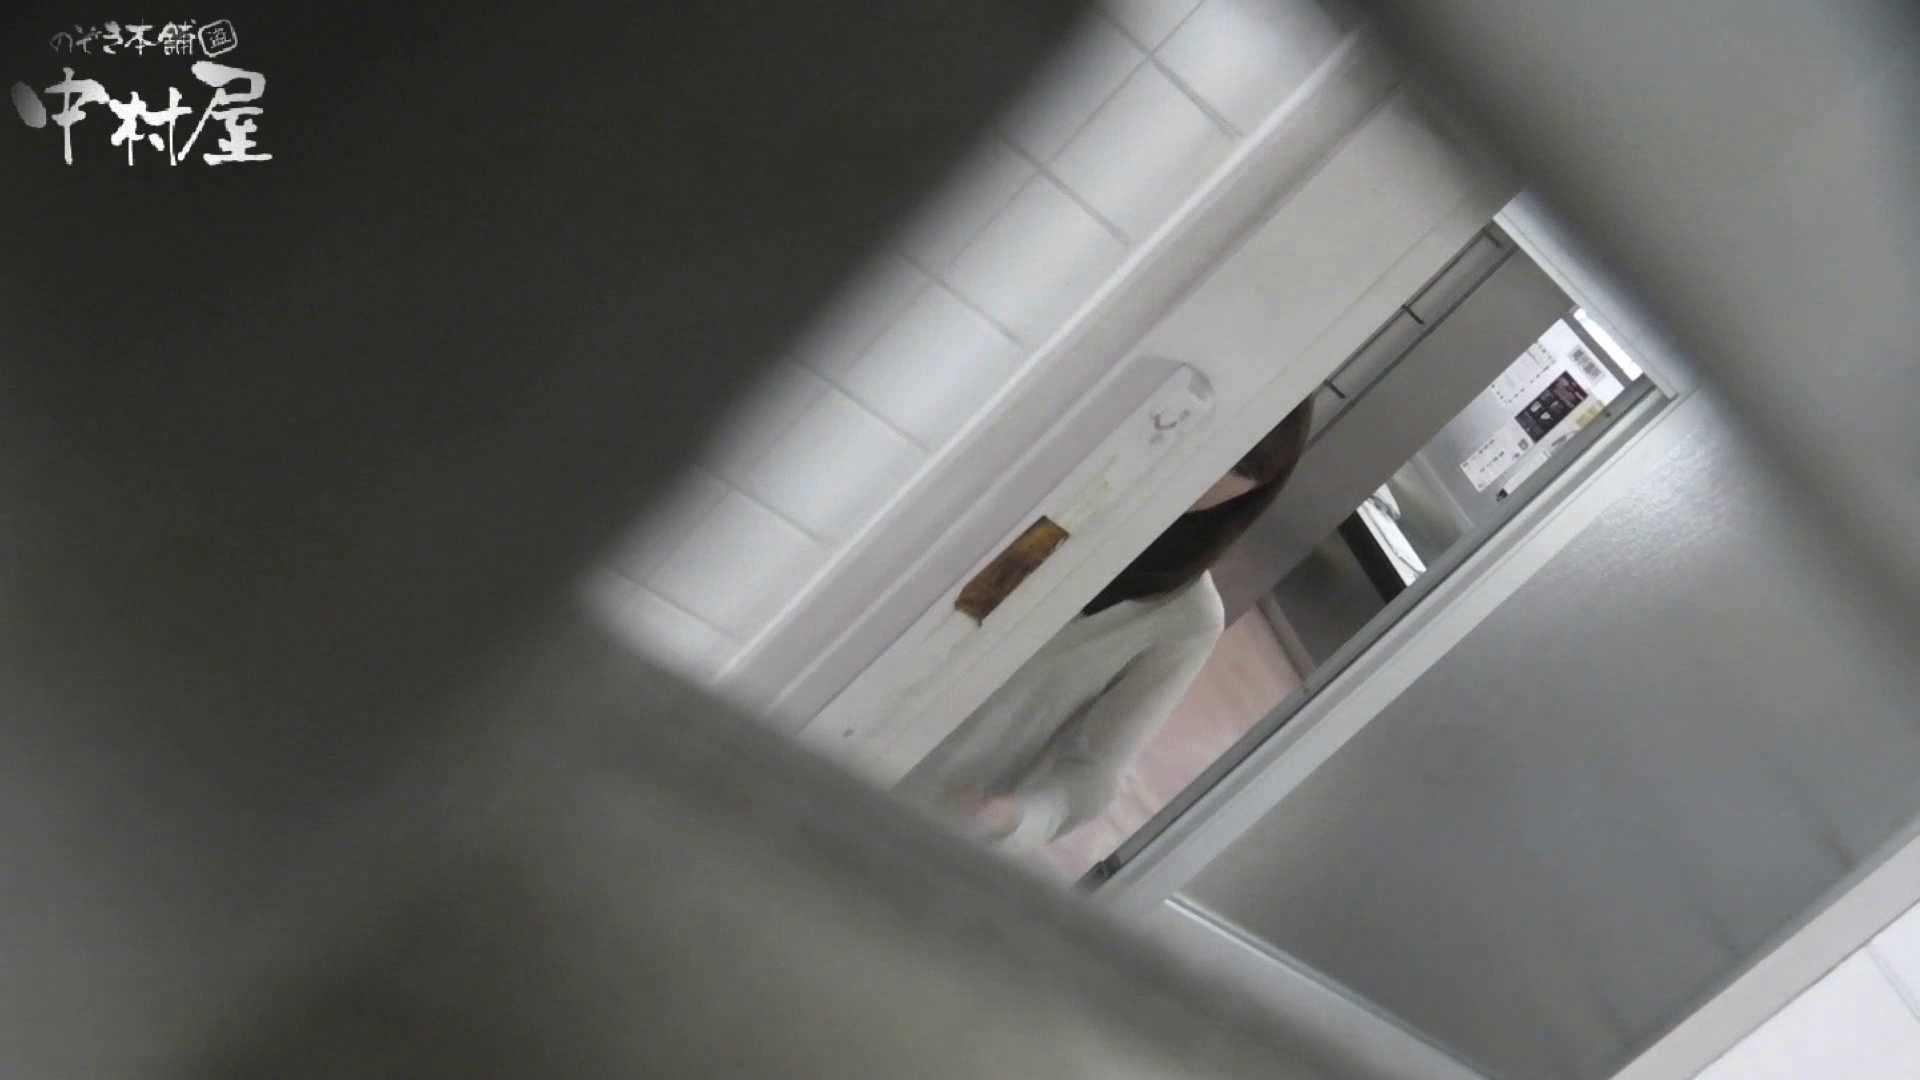 vol.21 命がけ潜伏洗面所! よ~く拭きましょう プライベート 盗撮動画紹介 97PIX 26